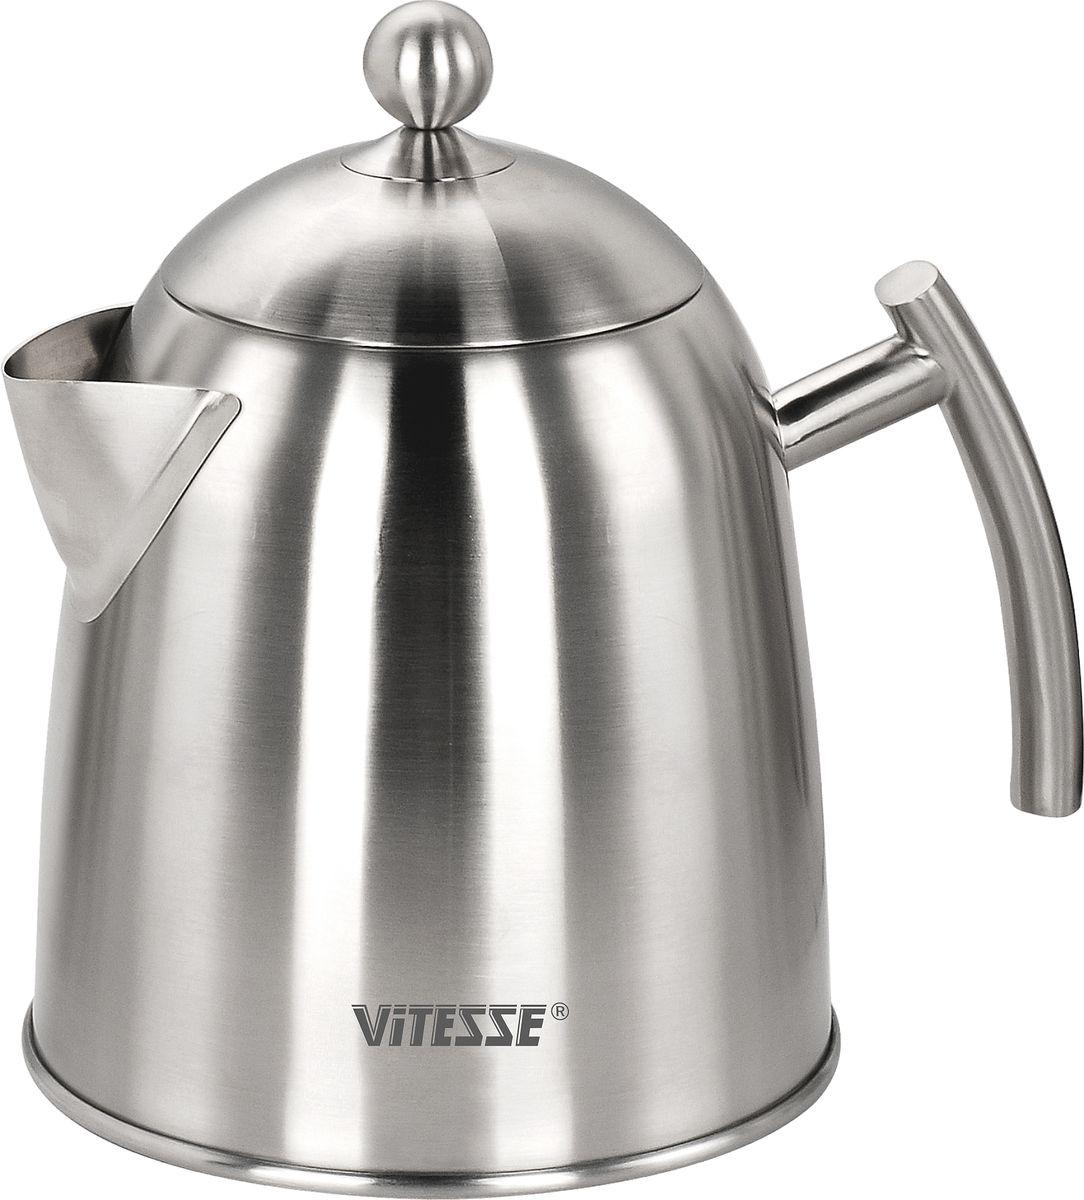 Чайник Vitesse Abella, 1,7 л115510Чайник Abella, выполненный из высококачественной нержавеющей стали с матовой полировкой, предоставит Вам все необходимые возможности для успешного приготовления напитков. Многослойное термоаккумулирующее дно чайника с прослойкой из алюминия обеспечит равномерное распределение тепла.Чайник подходит для газовых, электрических, стеклокерамических и индукционных плит и пригоден для мытья в посудомоечной машине. Характеристики:Материал:нержавеющая сталь. Объем чайника:1,7 л. Высота чайника (без учета крышки):20 см. Диаметр основания чайника:15,5 см. Размер упаковки:23 см х 20,5 см х 16 см. Изготовитель:Китай.Артикул:VS-1113. Кухонная посуда марки Vitesseиз нержавеющей стали 18/10 предоставит Вам все необходимое для получения удовольствия от приготовления пищи и принесет радость от его результатов. Посуда Vitesse обладает выдающимися функциональными свойствами. Легкие в уходе кастрюли и сковородки имеют плотно закрывающиеся крышки, которые дают возможность готовить с малым количеством воды и экономией энергии, и идеально подходят для всех видов плит: газовых, электрических, стеклокерамических и индукционных. Конструкция дна посуды гарантирует быстрое поглощение тепла, его равномерное распределение и сохранение. Великолепно отполированная поверхность, а также многочисленные конструктивные новшества, заложенные во все изделия Vitesse, позволит Вам открыть новые горизонты приготовления уже знакомых блюд. Для производства посуды Vitesseиспользуются только высококачественные материалы, которые соответствуют международным стандартам.